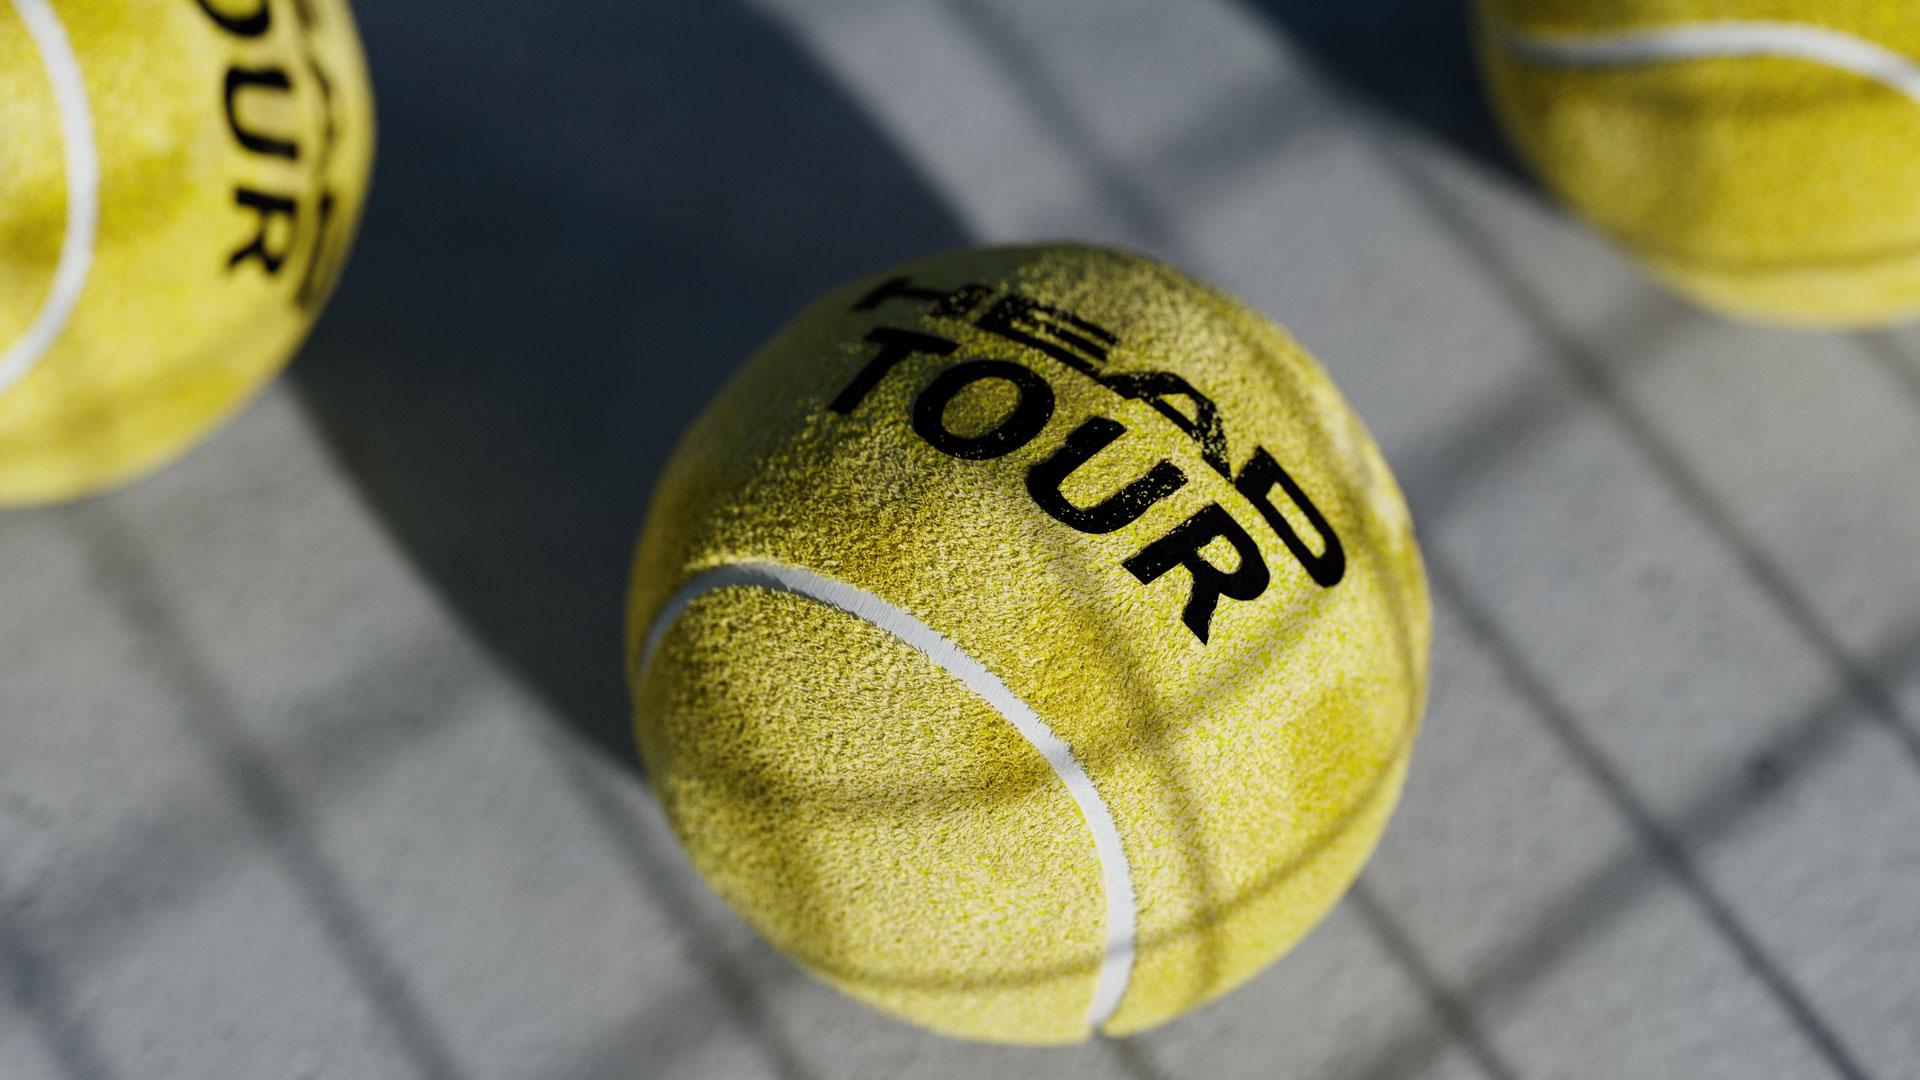 Tennisball, Schatten, Ball, Beton, Head